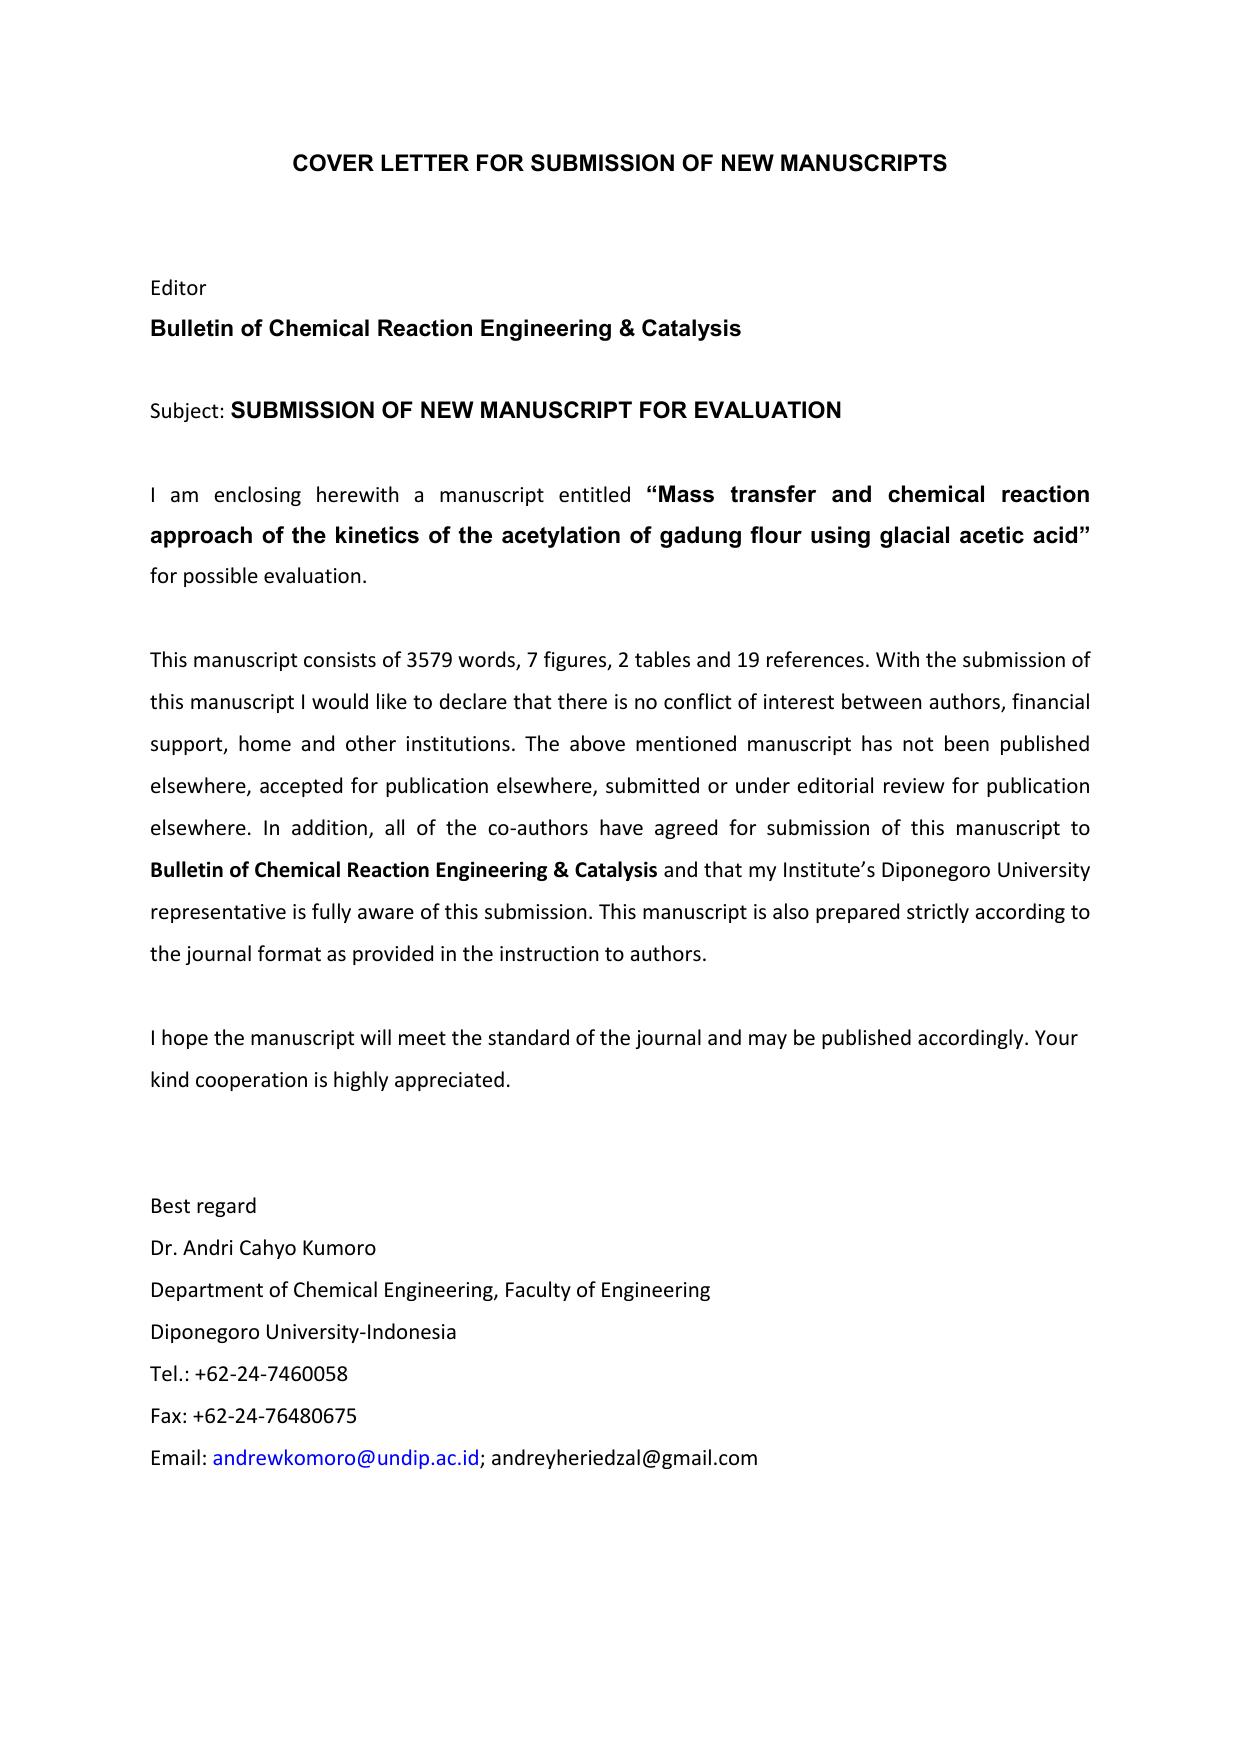 Ap english analytical essay rubric